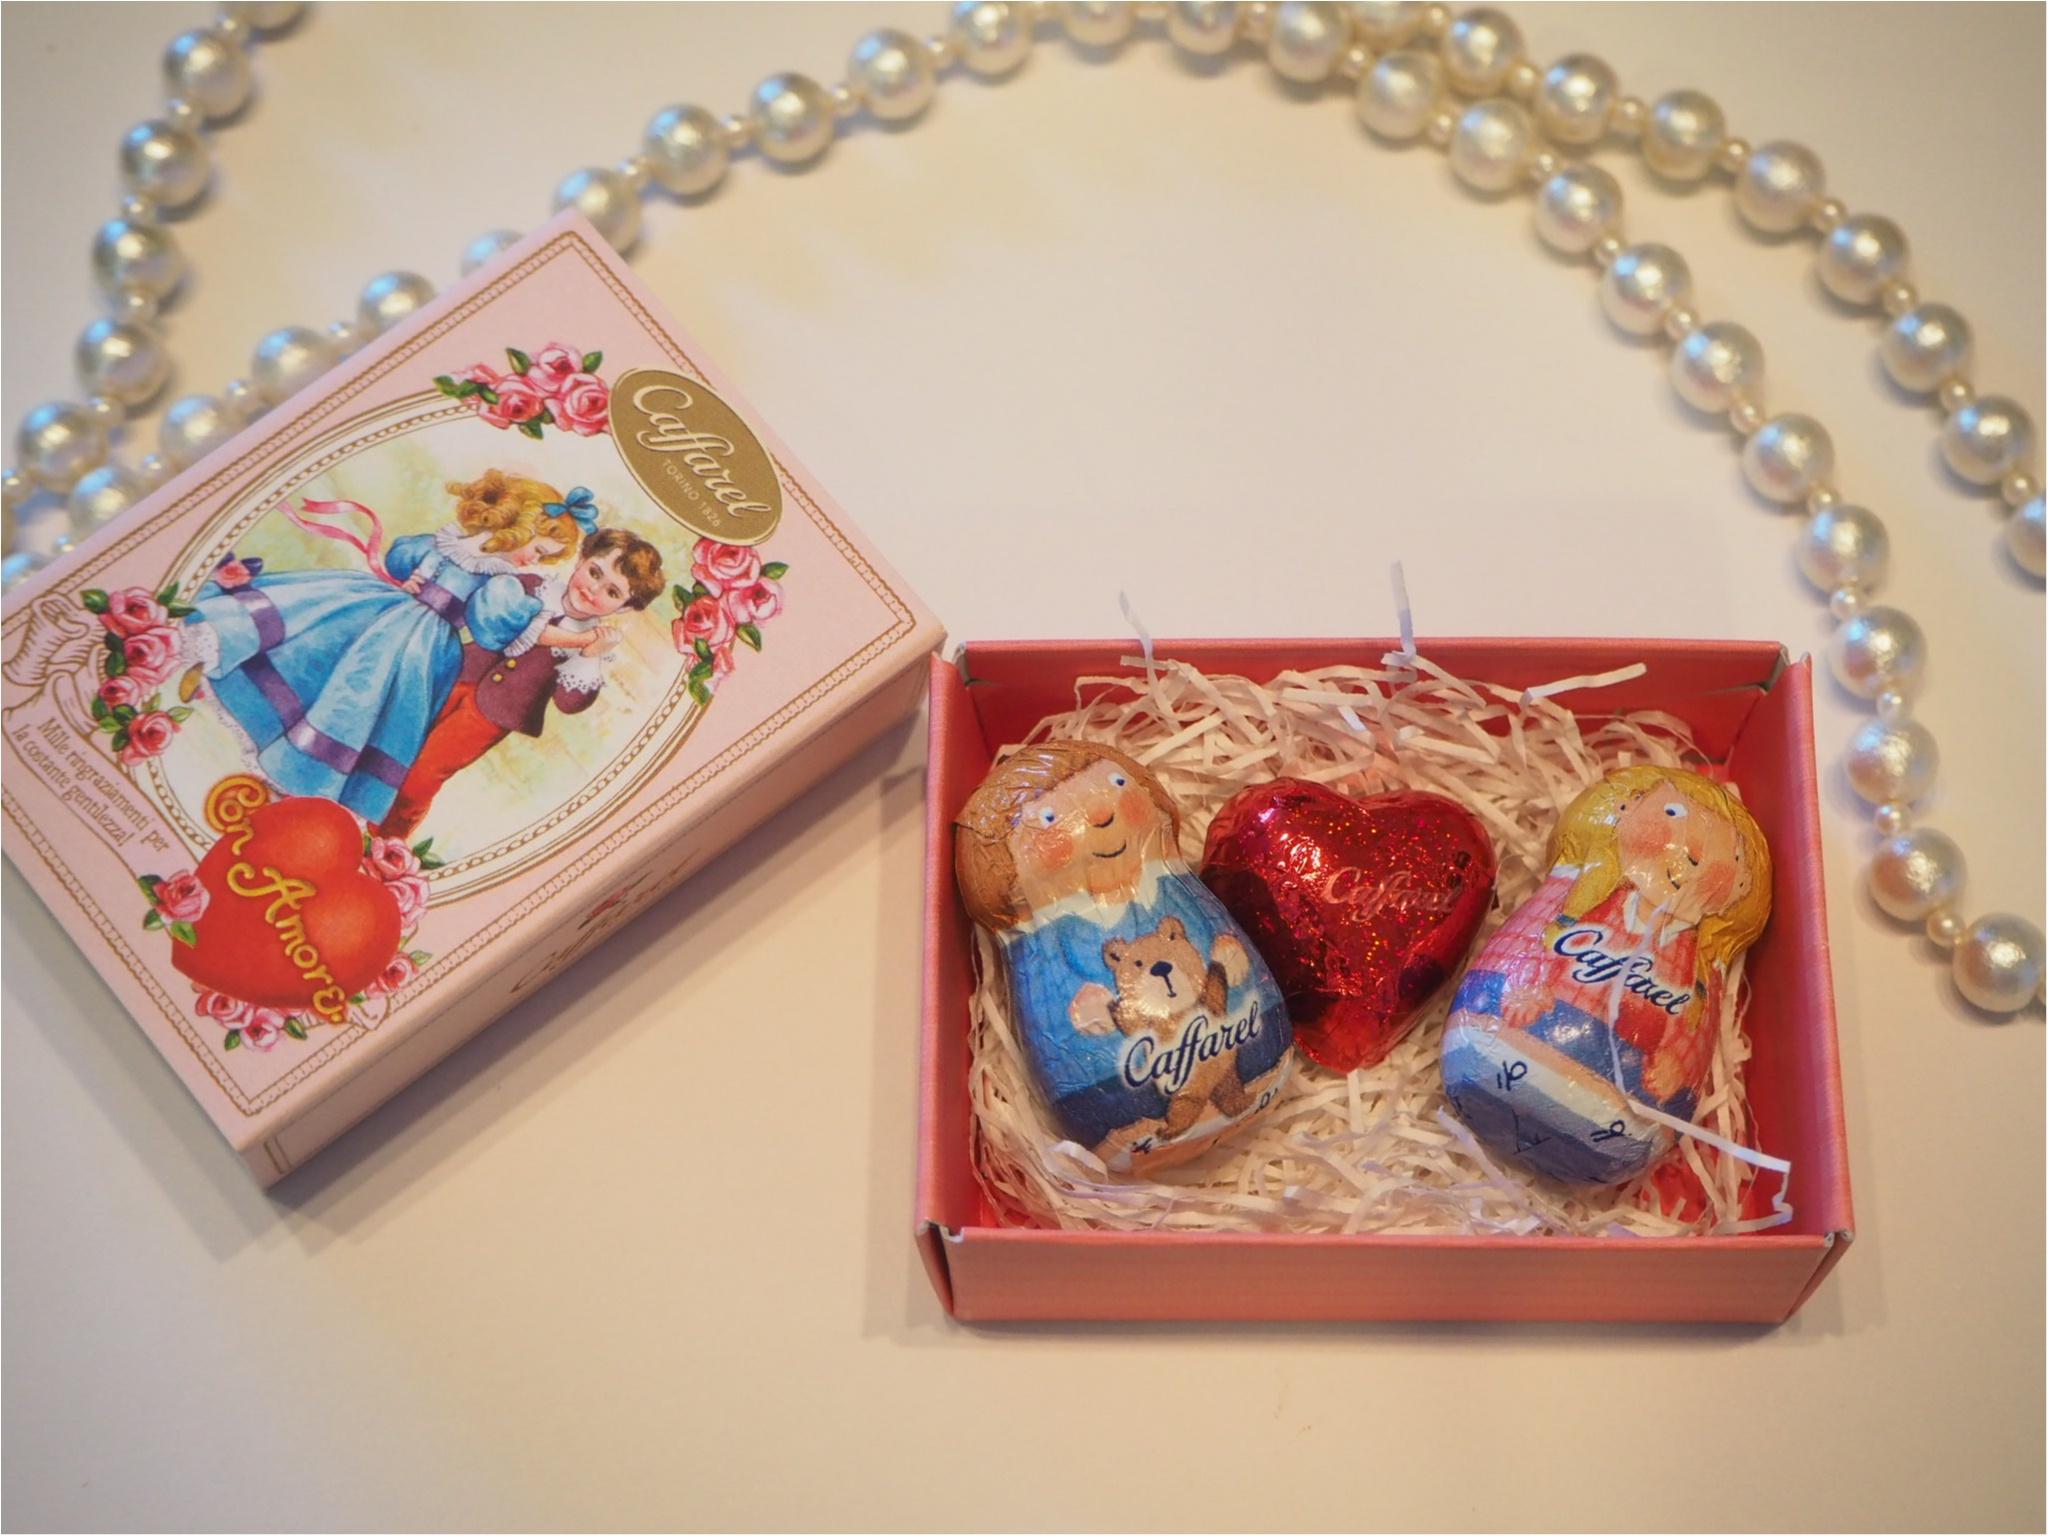 【バレンタインデー直前】今欲しいのは500円台で買えるお手軽ご褒美チョコ!_6